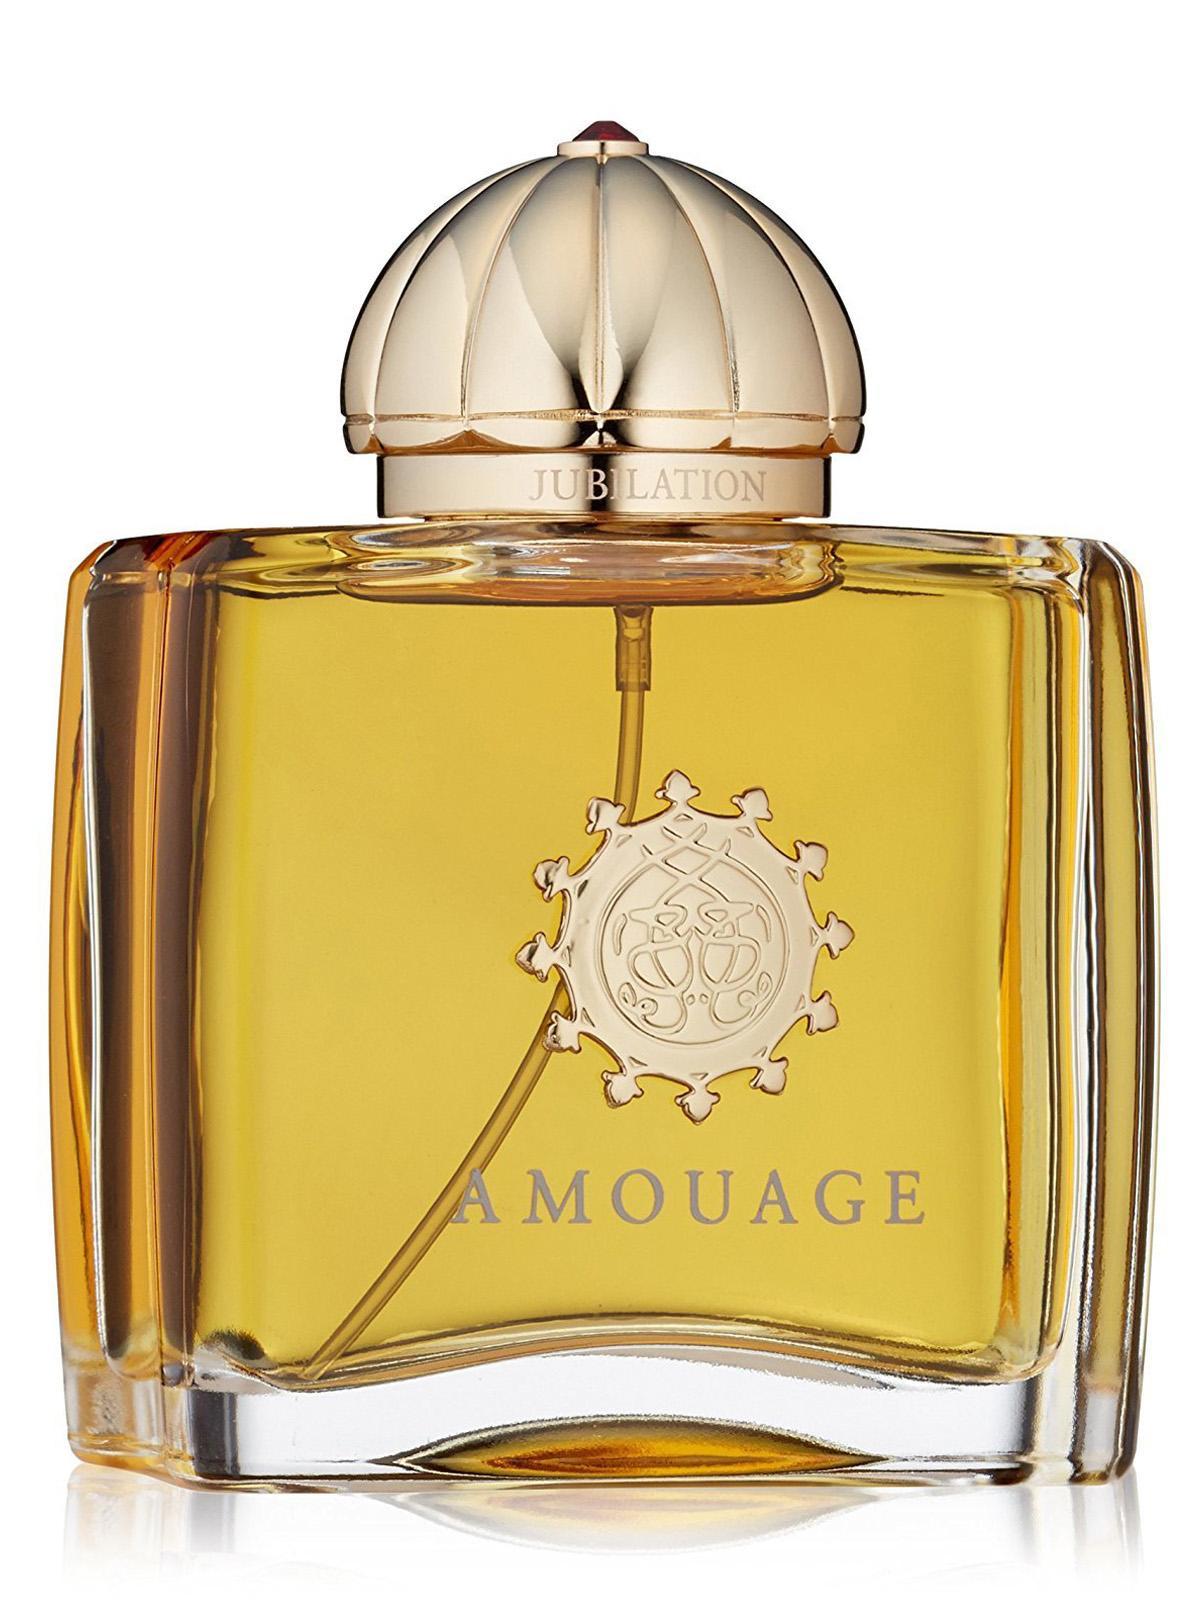 Amouage Jubilation 25 For Women Eau De Parfum 100ML